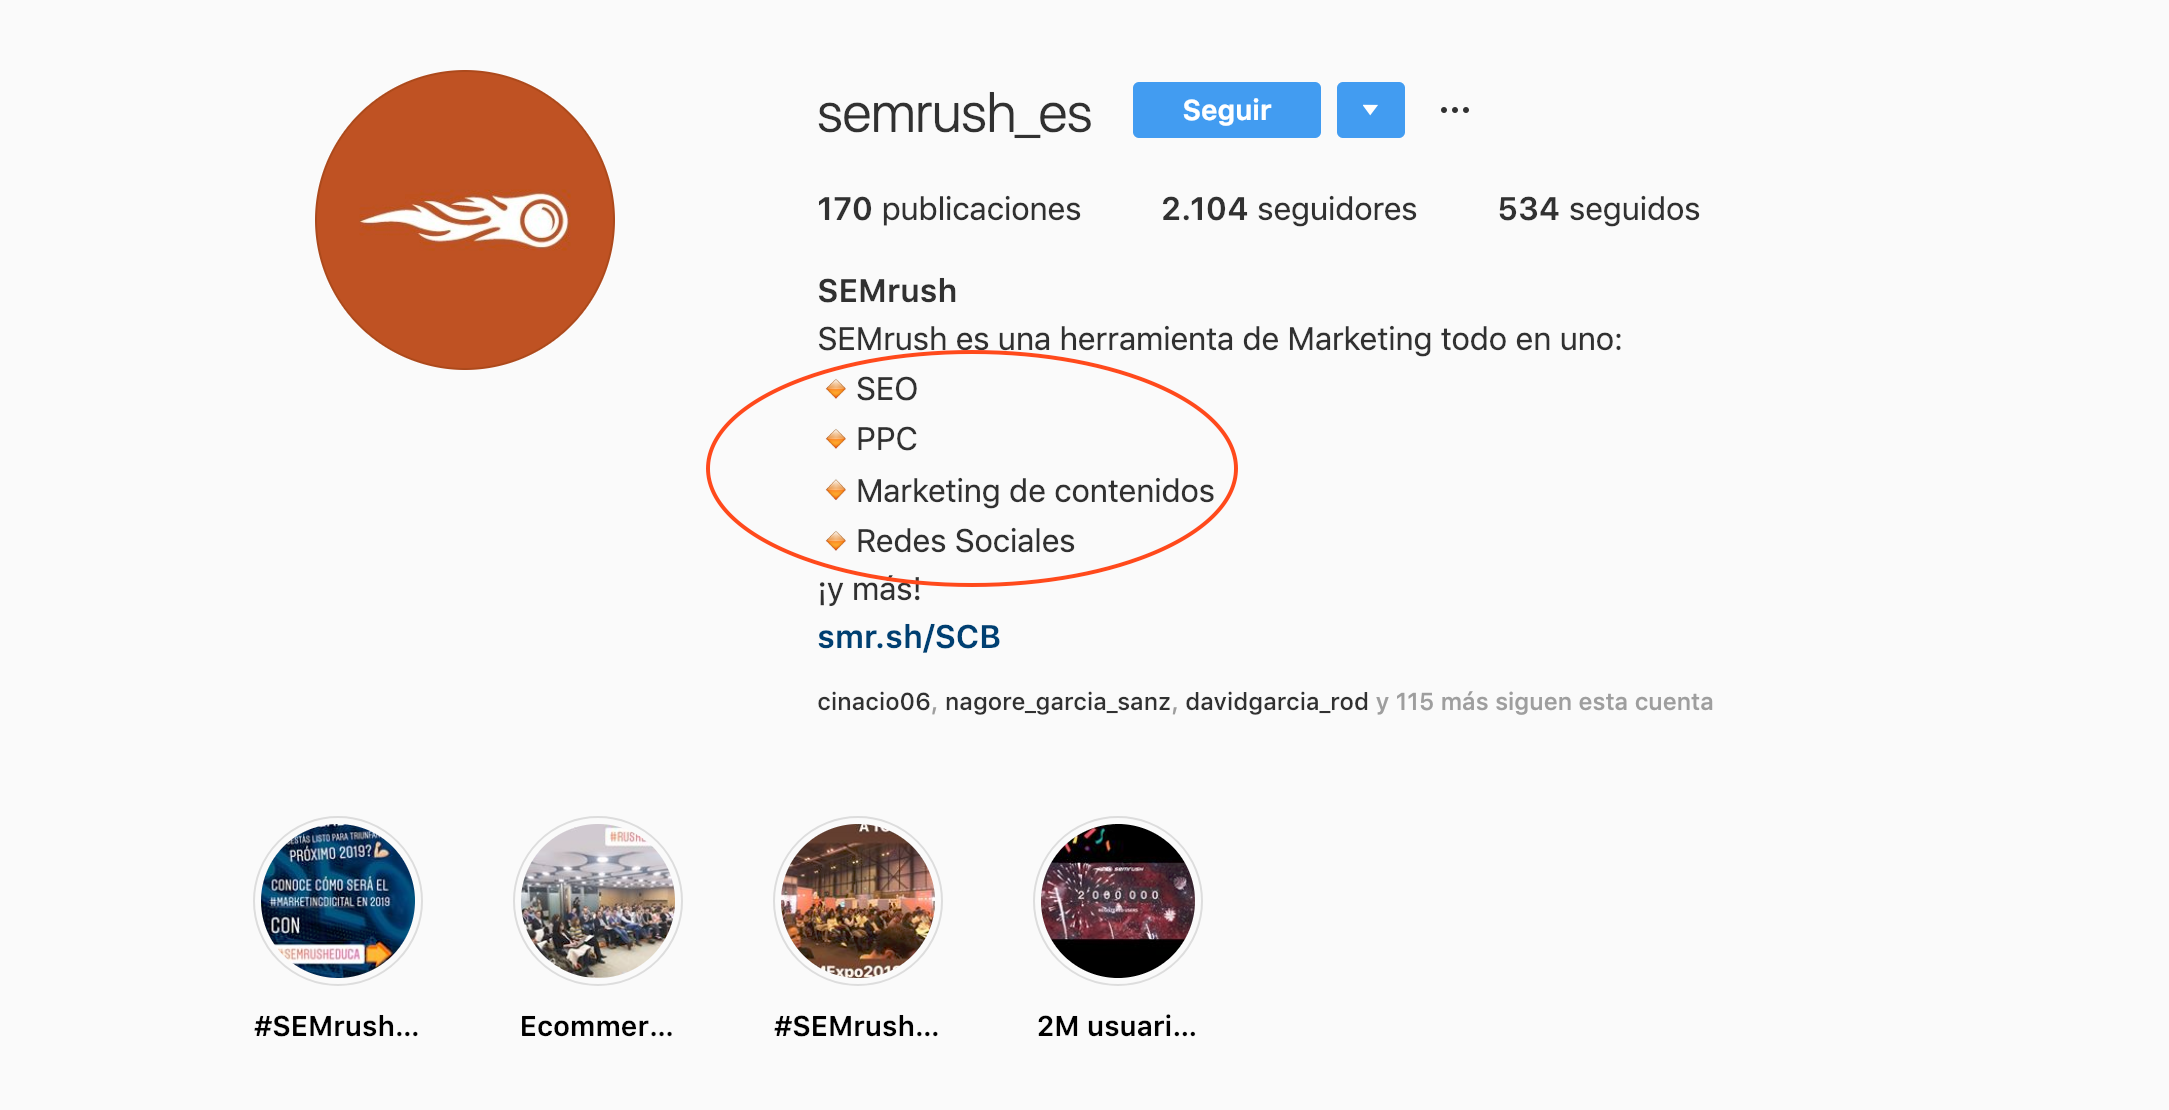 Bios para perfiles de redes sociales - Caso SEMrush